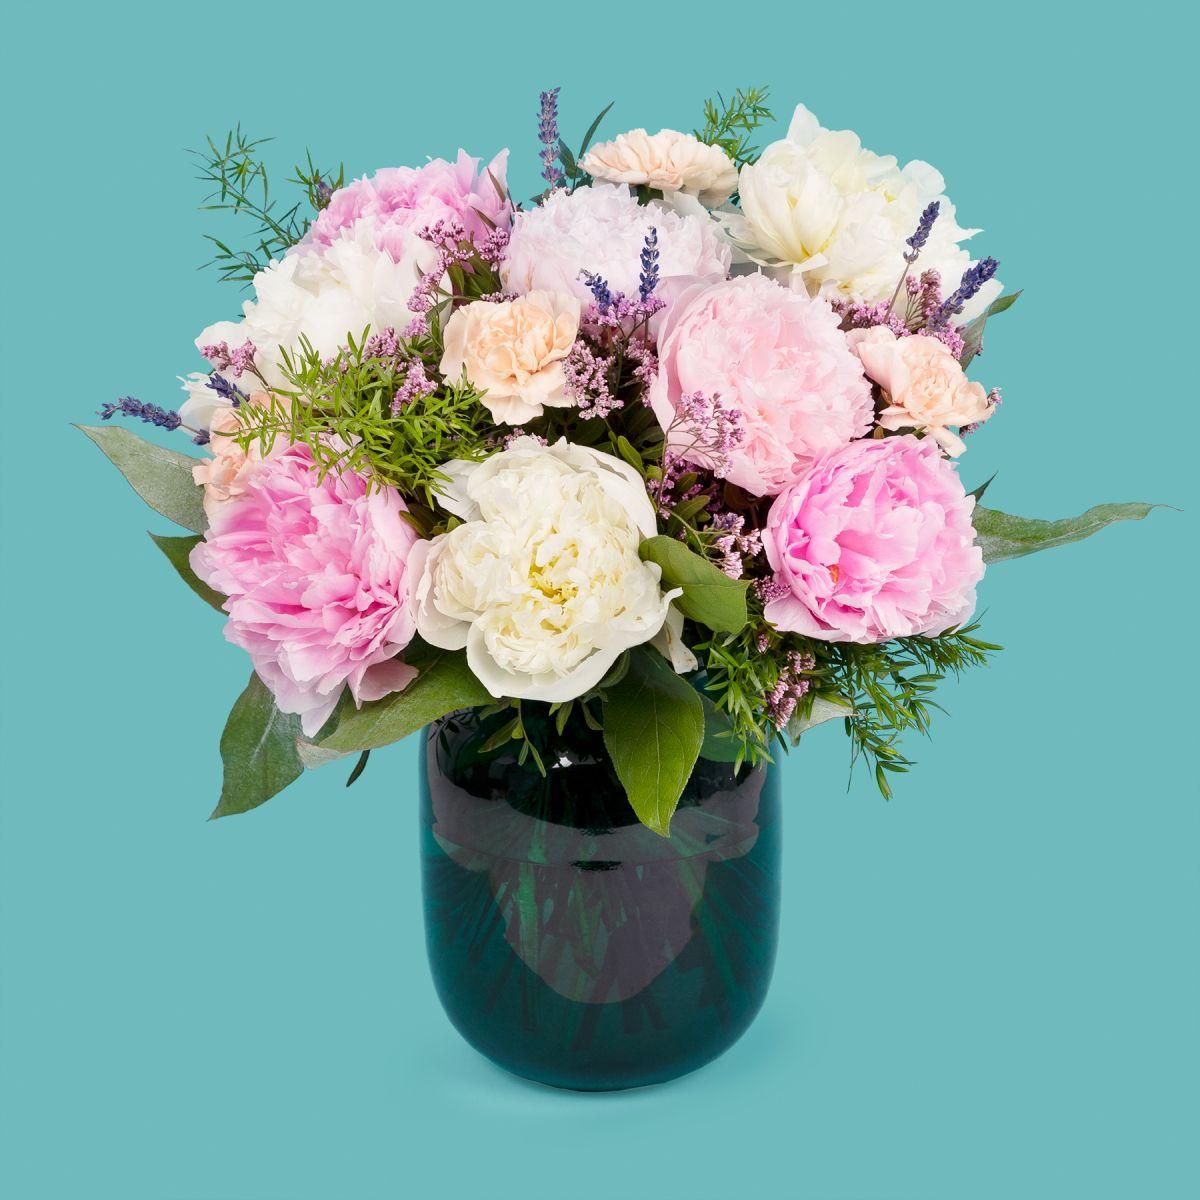 Fiori a domicilio - Bouquet di Peonie Rosa, Bianche e Garofani  con Peonie Extra - TAG ME - Colvin